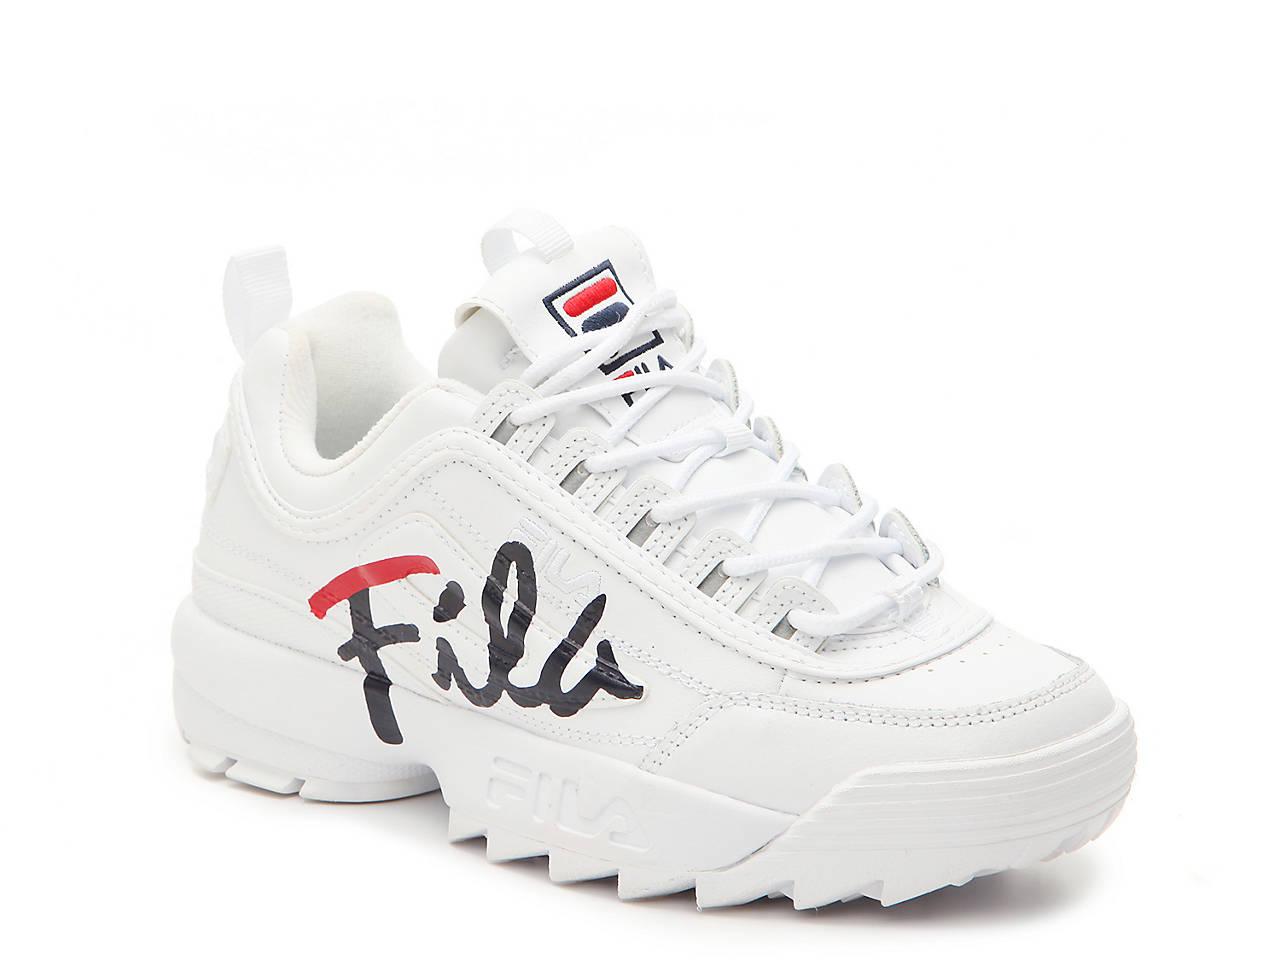 27af2d3ee189e Fila Disruptor II Script Sneaker - Women s Women s Shoes